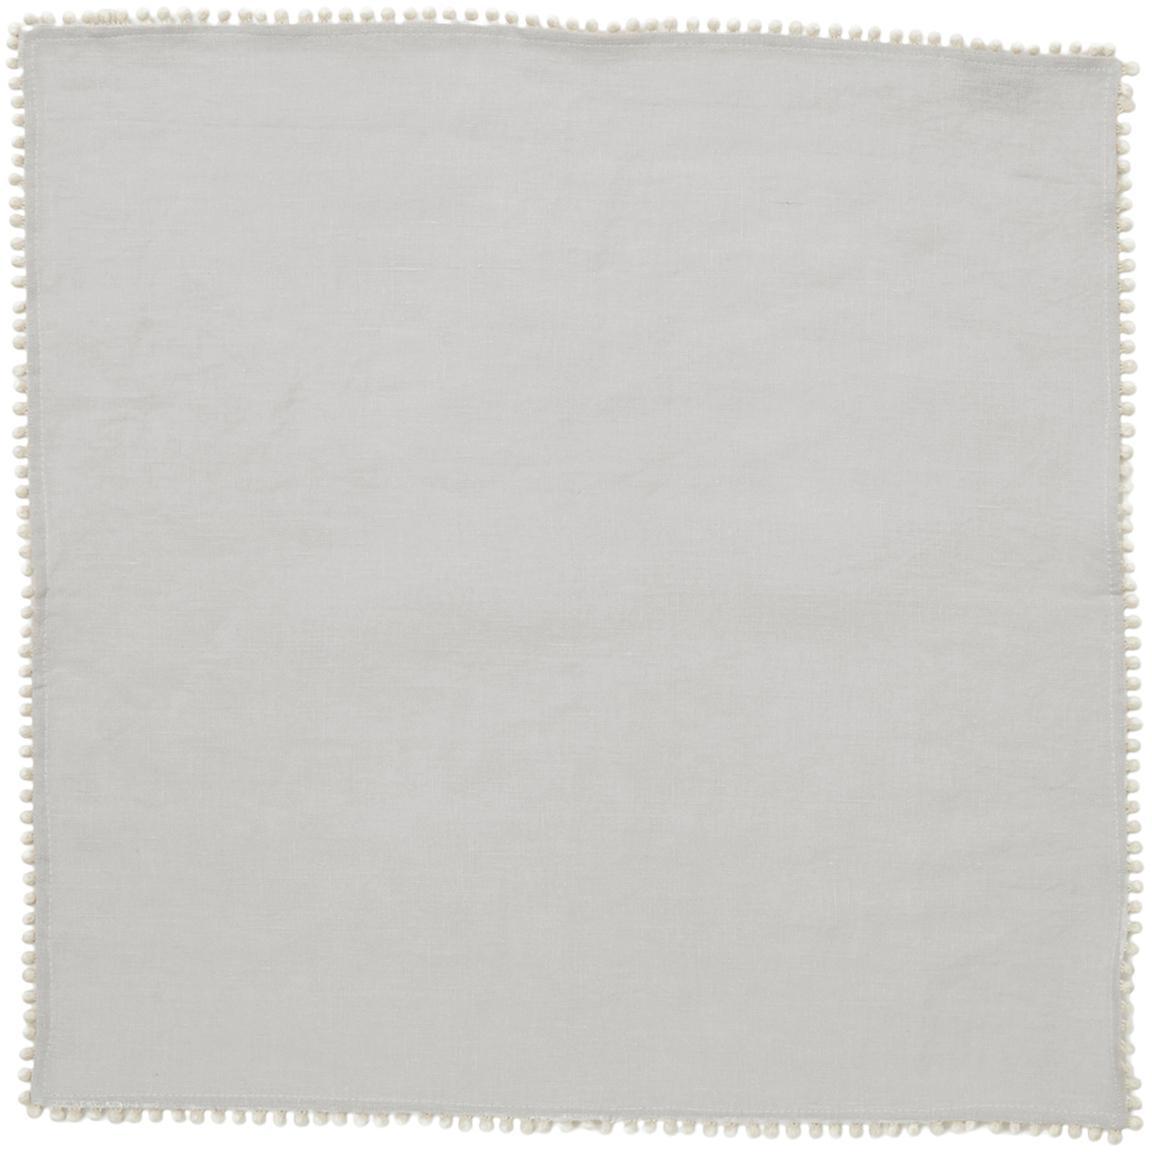 Gewaschene Leinen-Servietten Pom Pom, 4 Stück, Leinen, Hellgrau, 46 x 46 cm